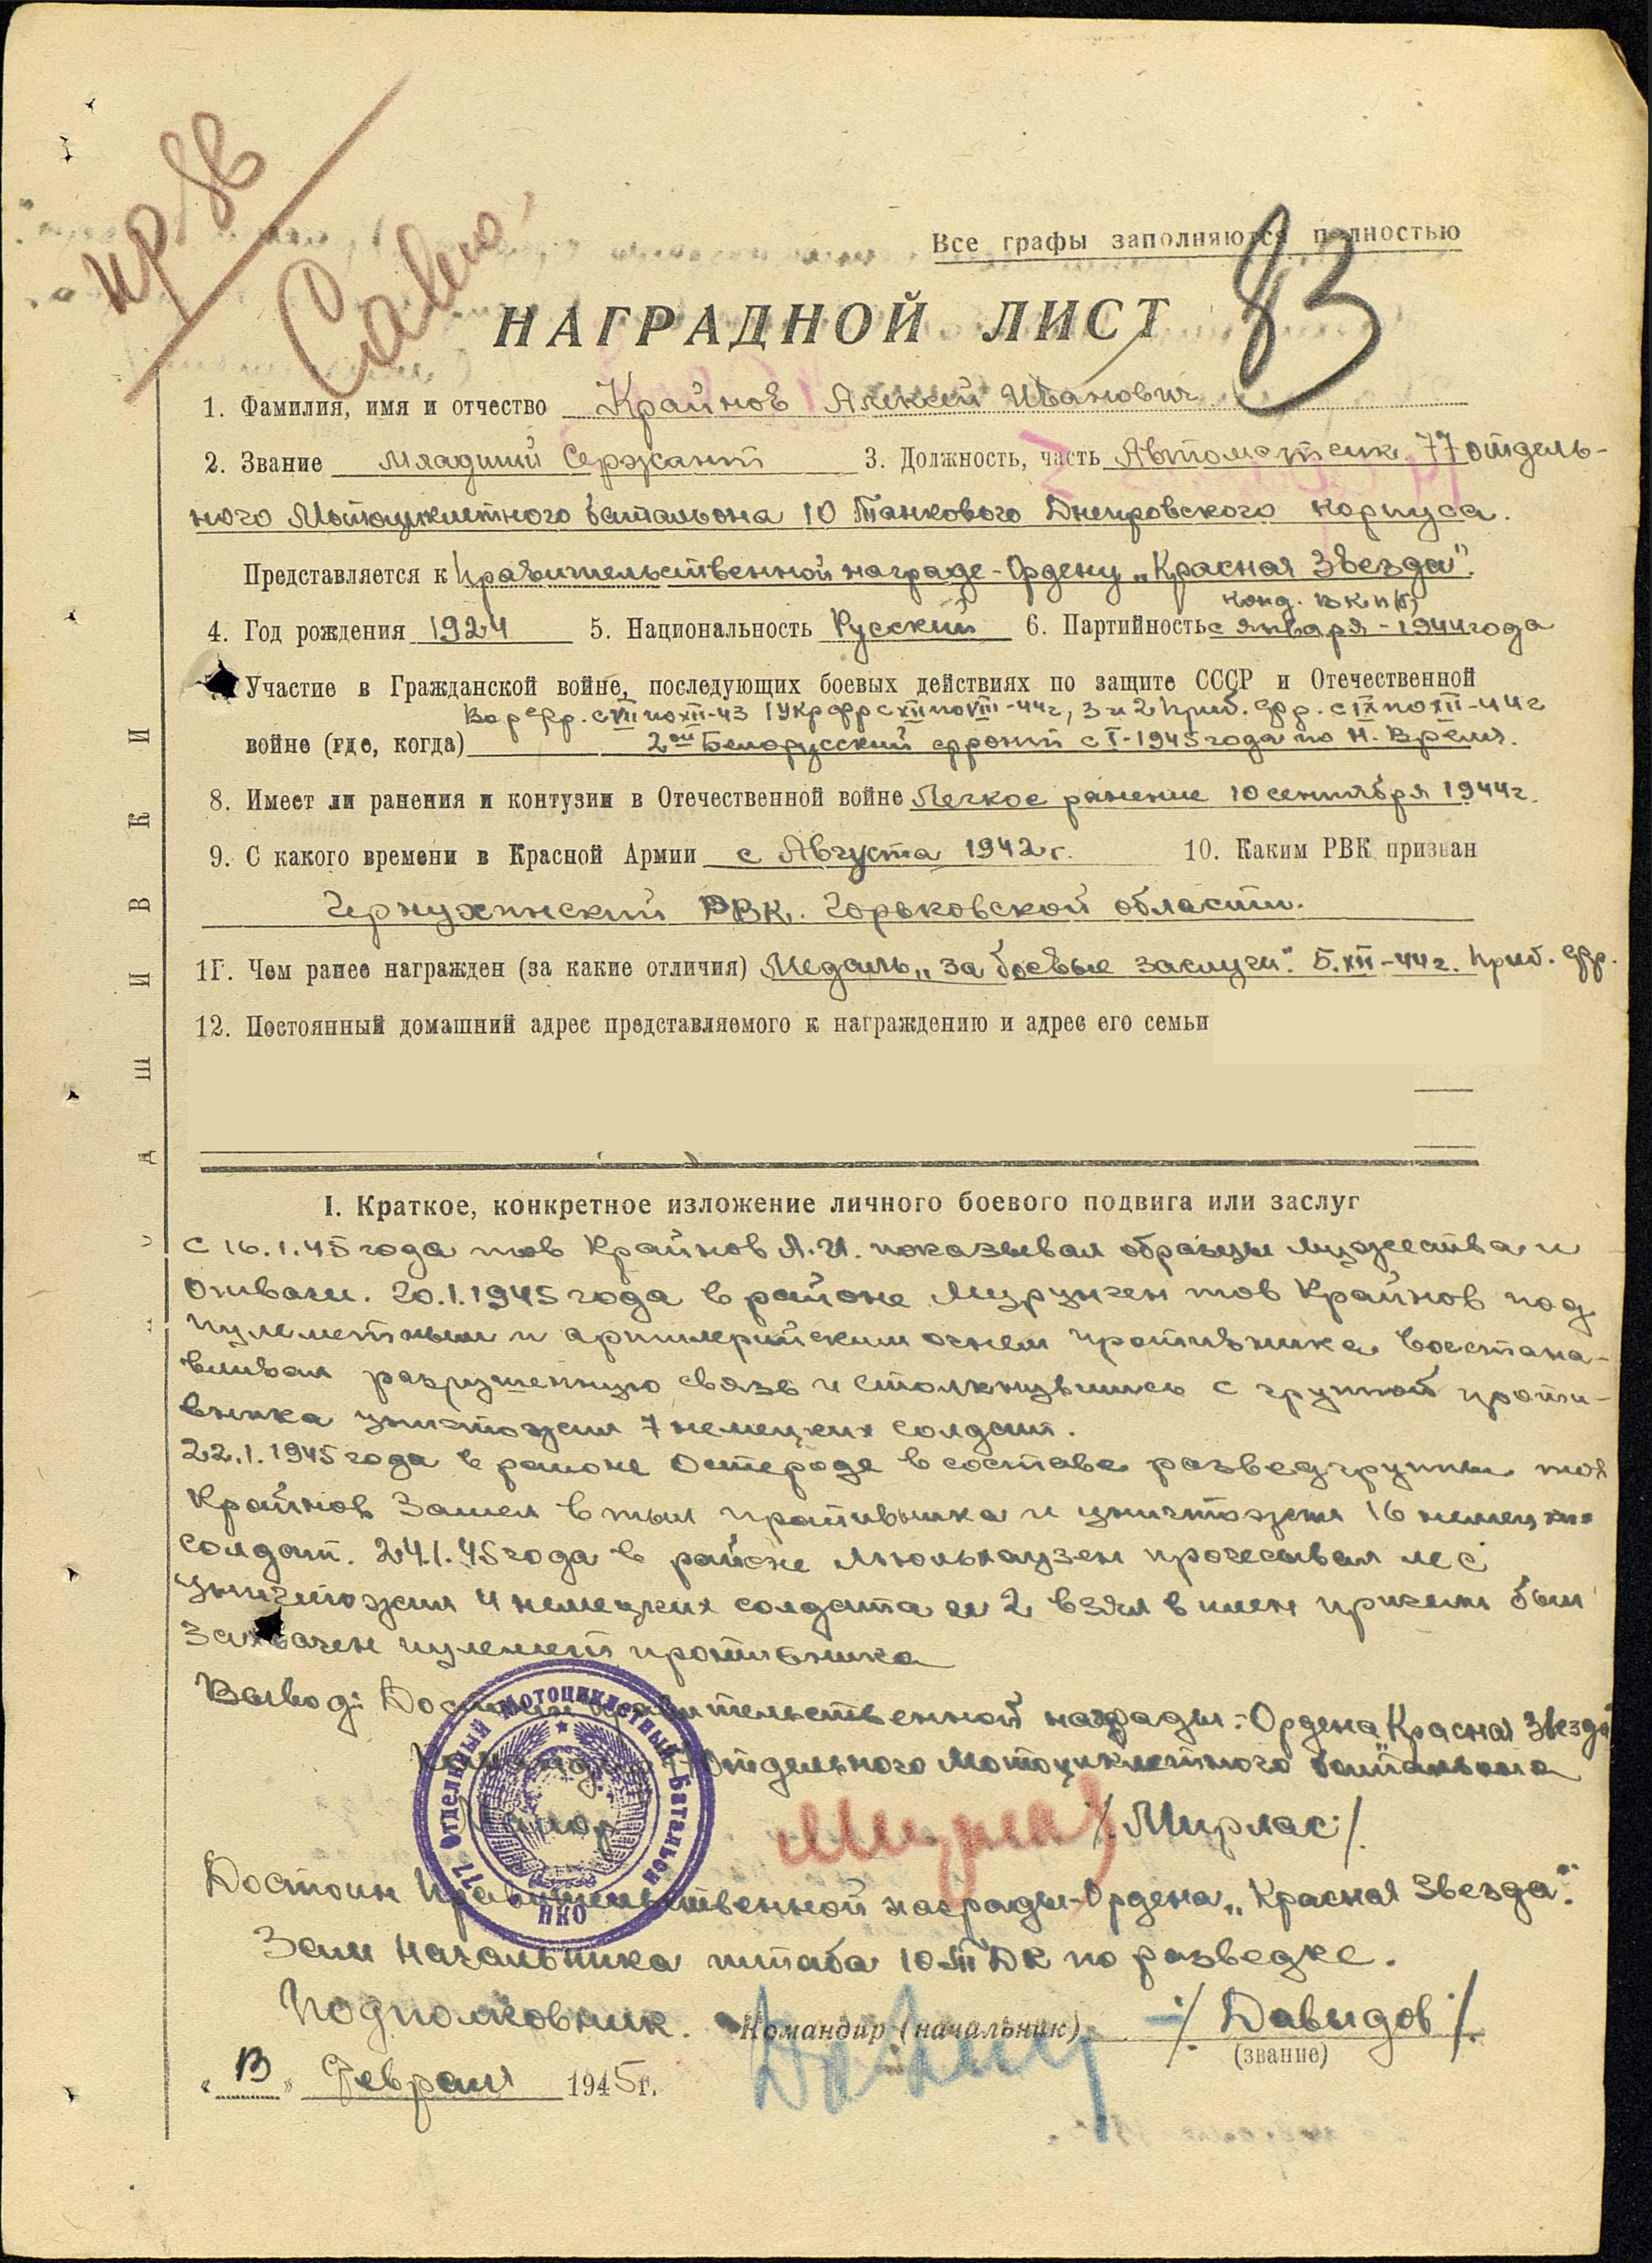 Наградной лист Крайнова Алексея Ивановича орденом Красной Звезды